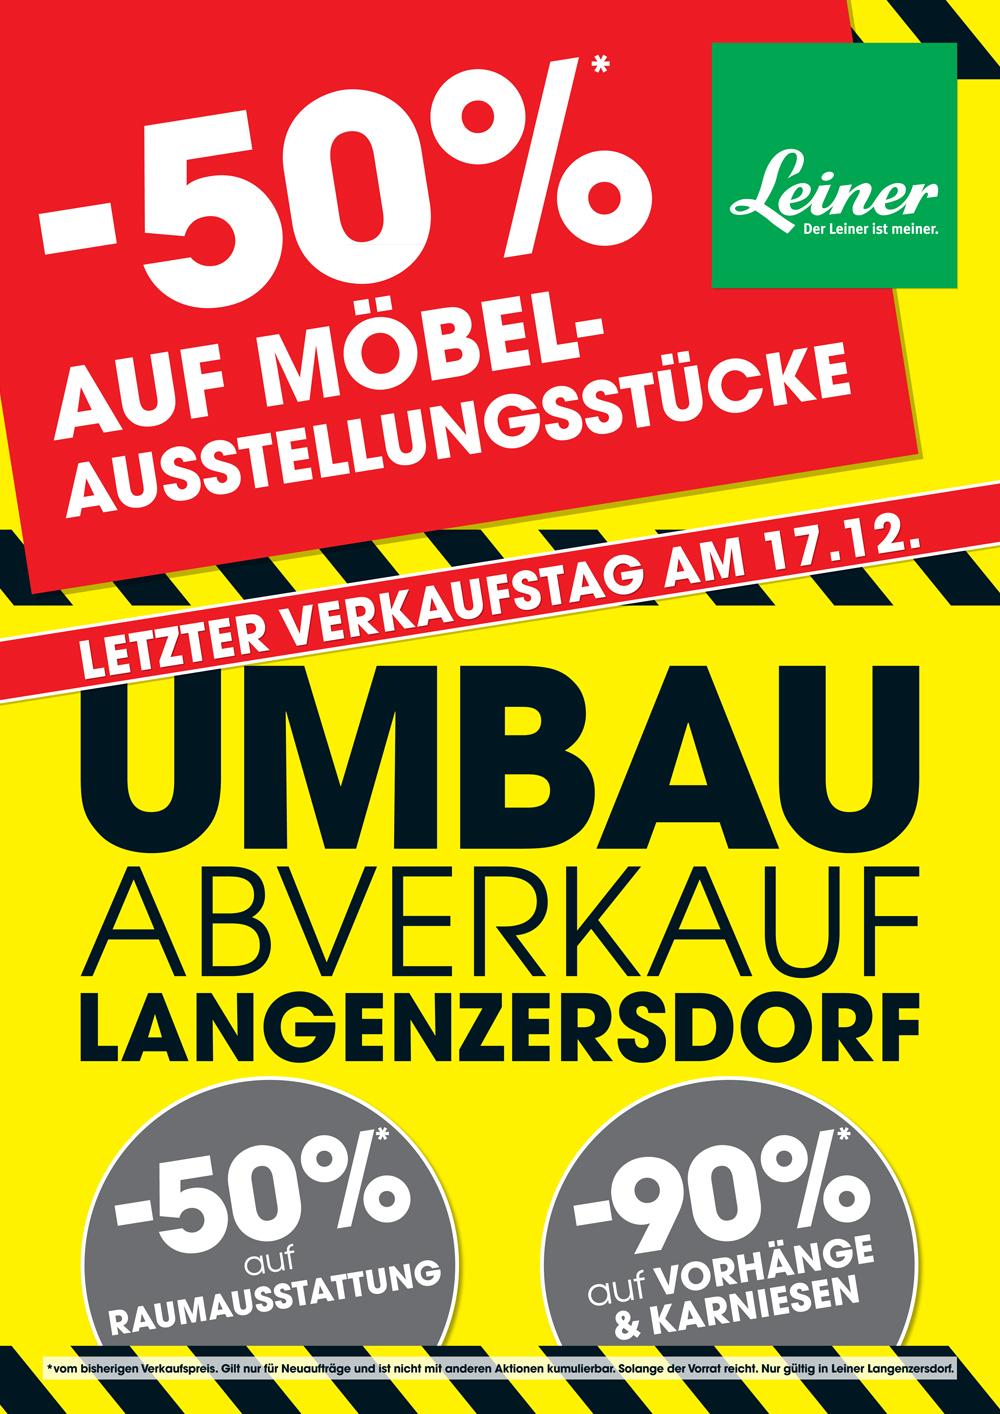 Leiner Langenzersdorf schließt - Abverkauf bis -50%